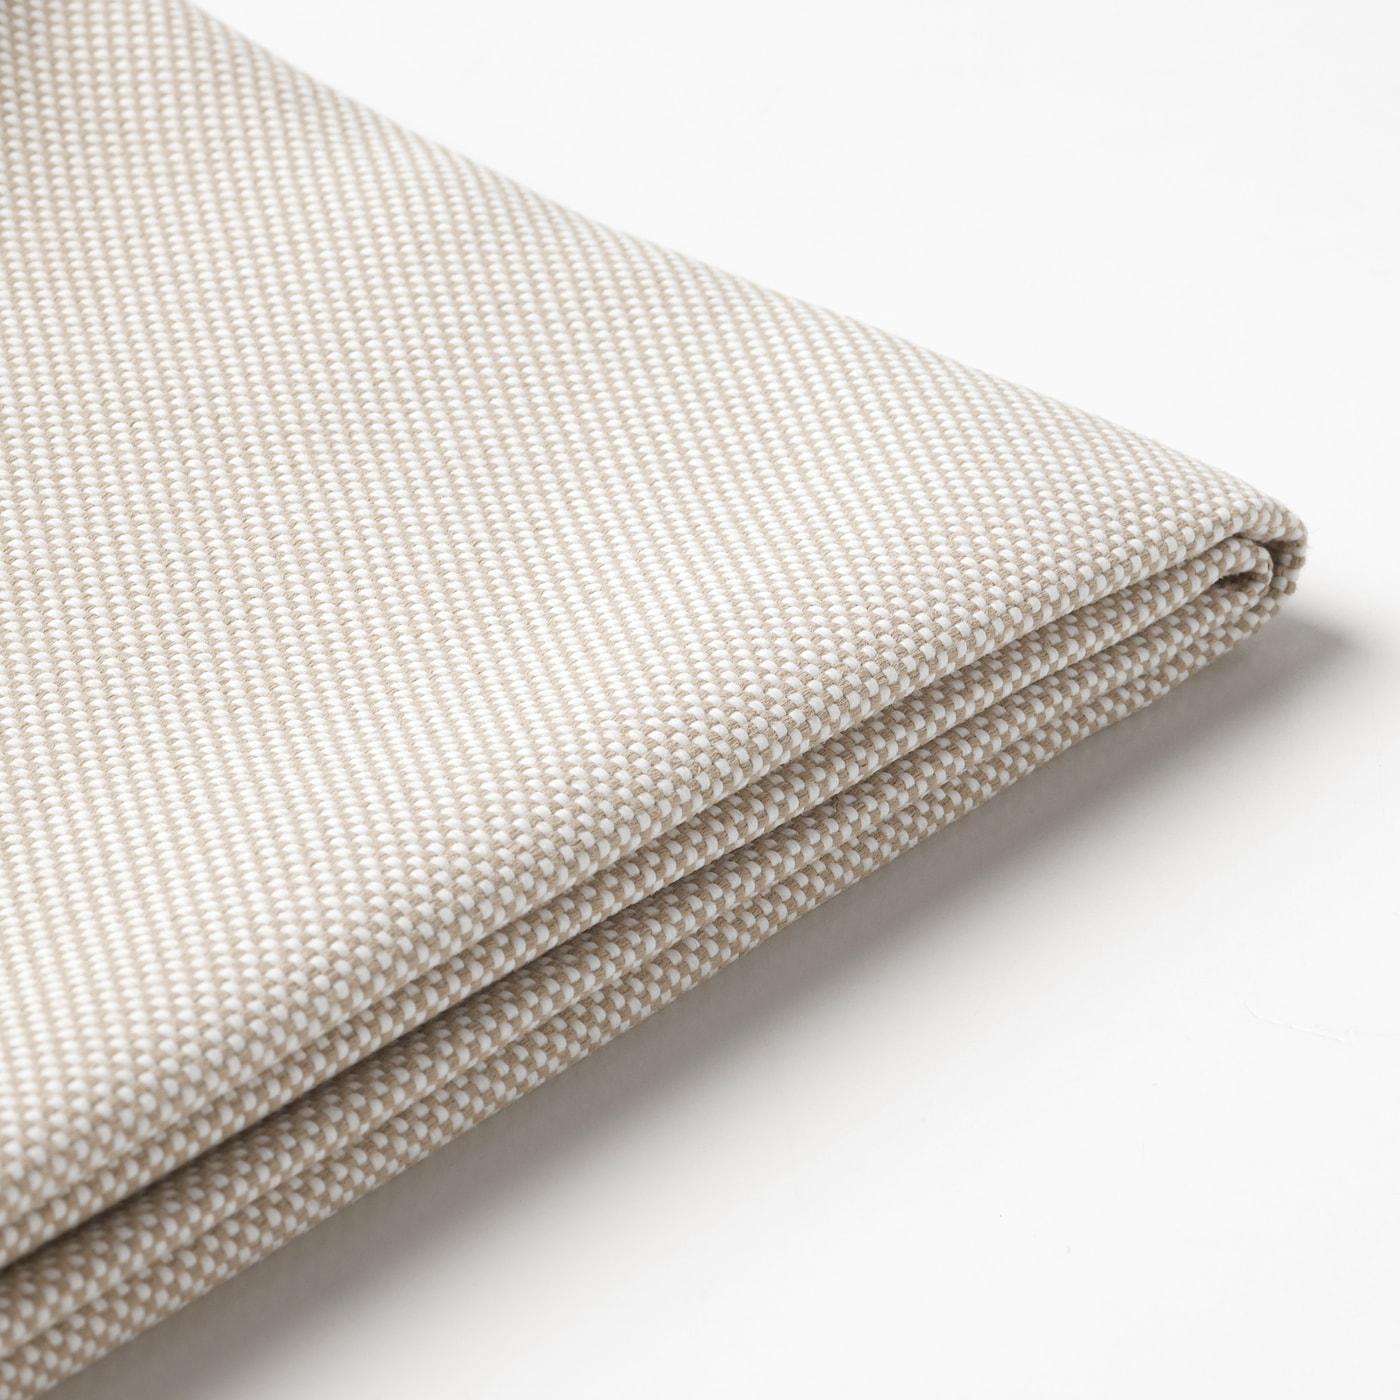 FRÖSÖN Huzat ülő/hátsó párnához, kültéri bézs, 116x45 cm